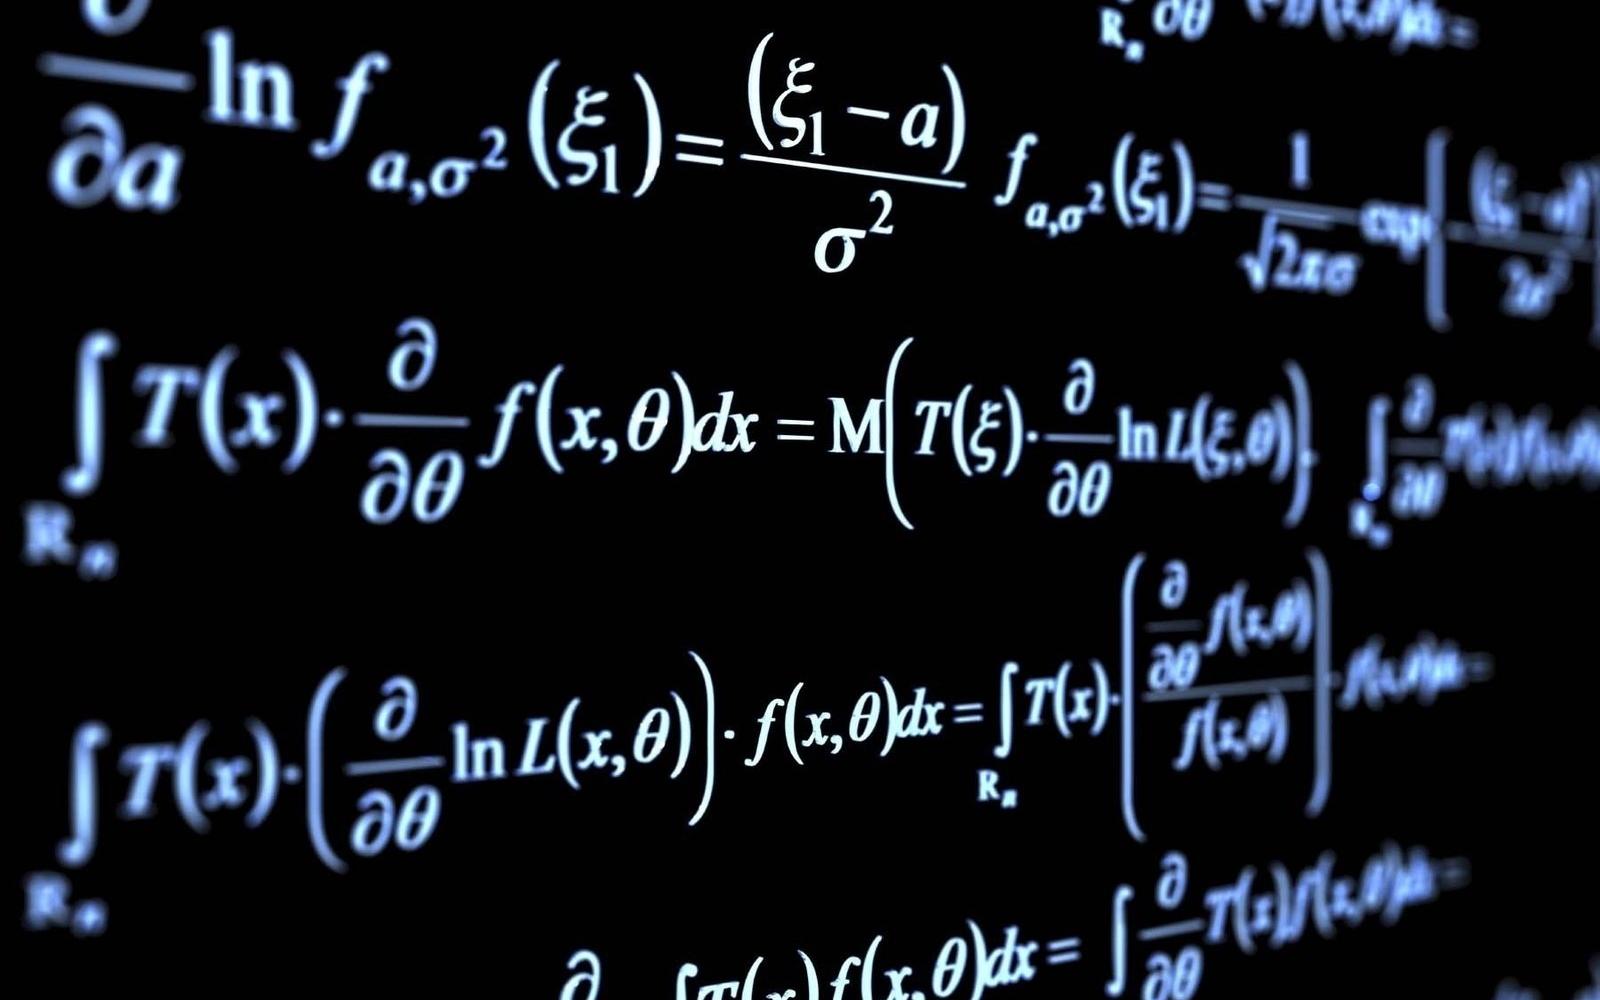 matematica_e_statistica_per_scienze_biologiche_1533636793.png